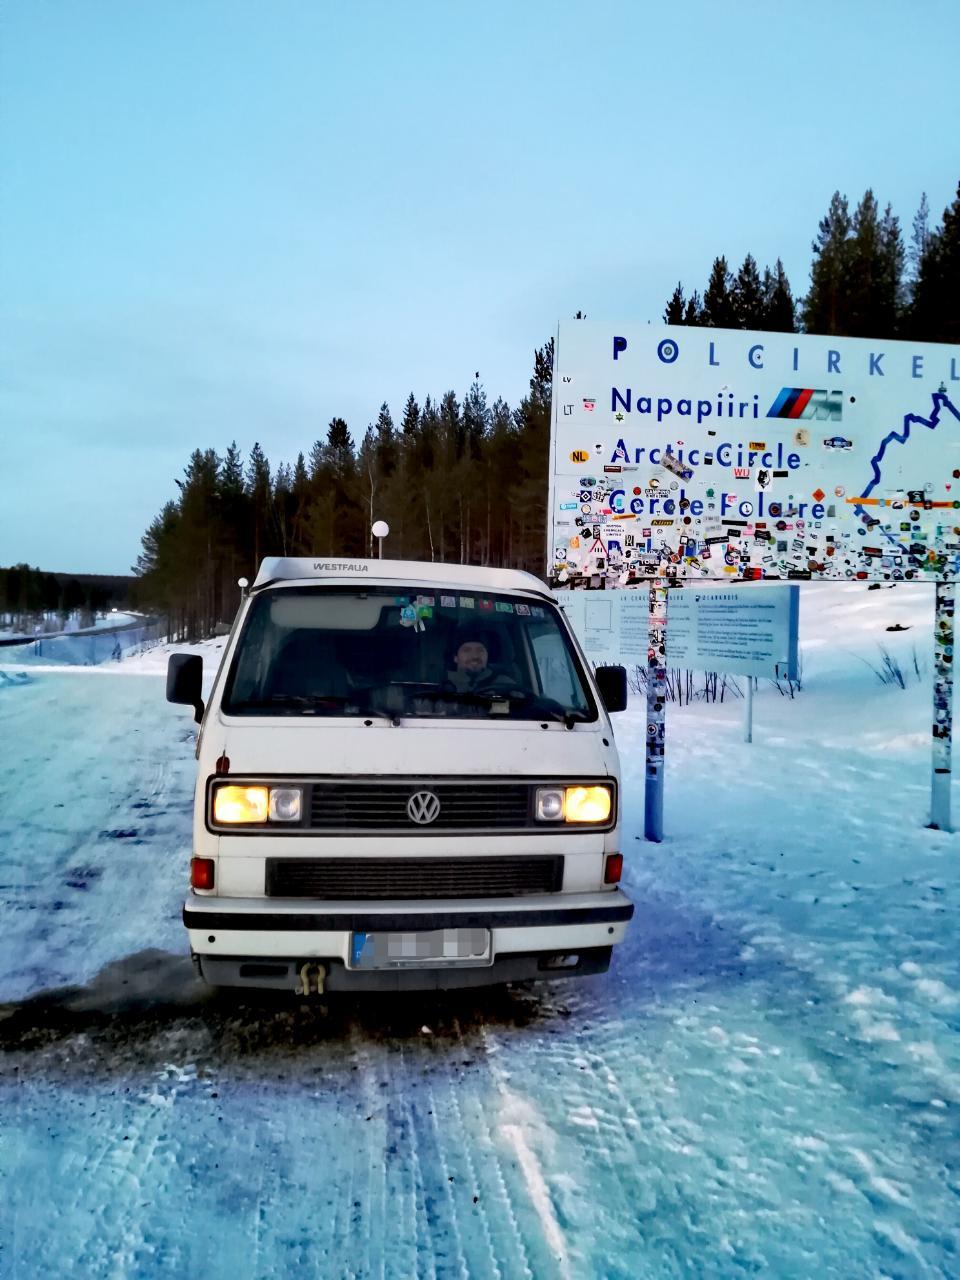 Polarkreis Lappland Jokkmokk